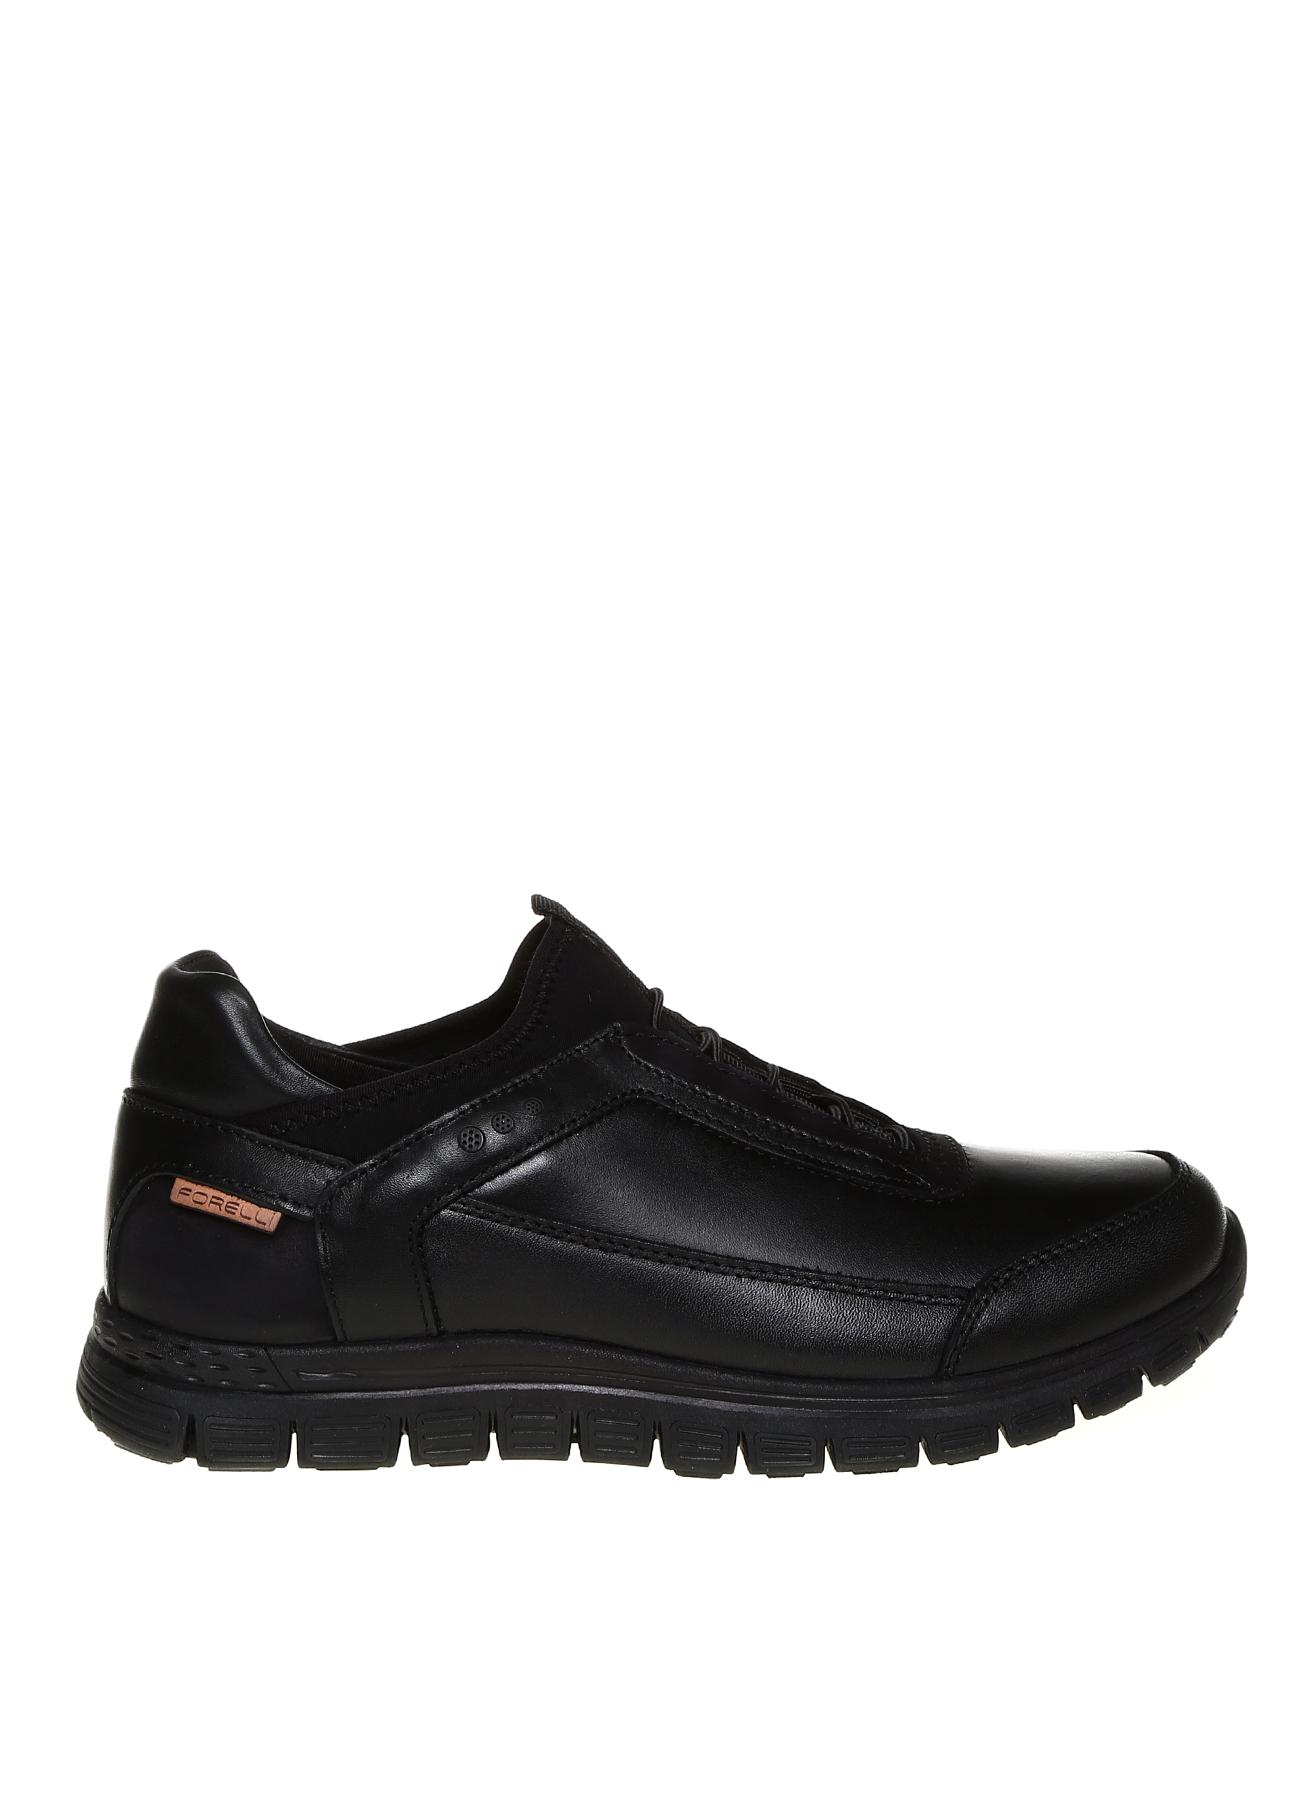 Forelli Deri Ultra Hafif Siyah Klasik Ayakkabı 43 5001922234004 Ürün Resmi